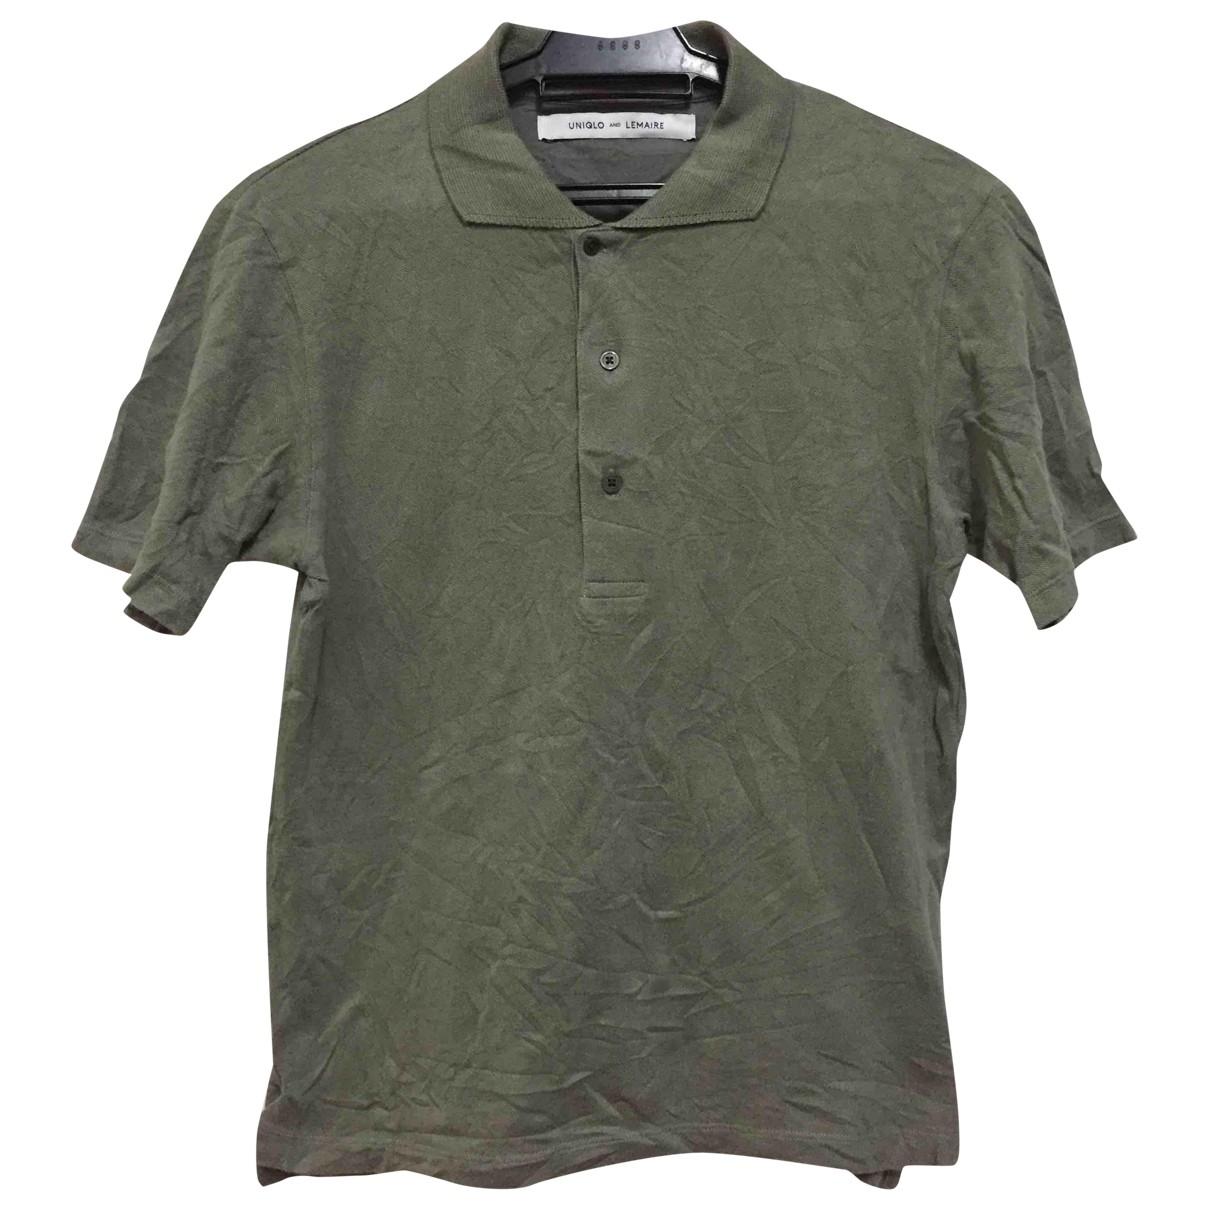 Lemaire X Uniqlo - Tee shirts   pour homme en coton